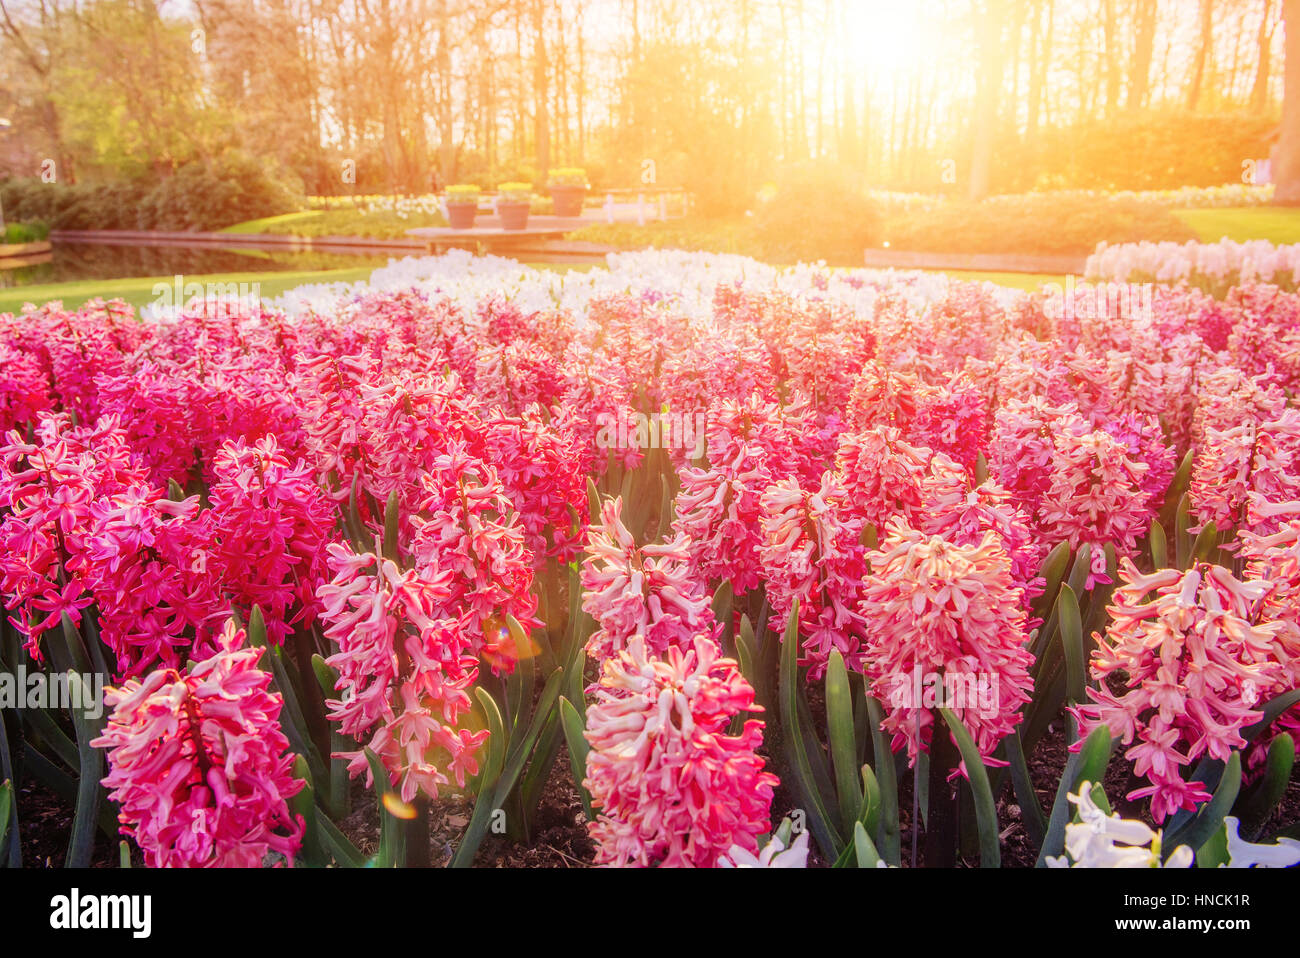 Parterres de fleurs dans le parc. Photo Stock